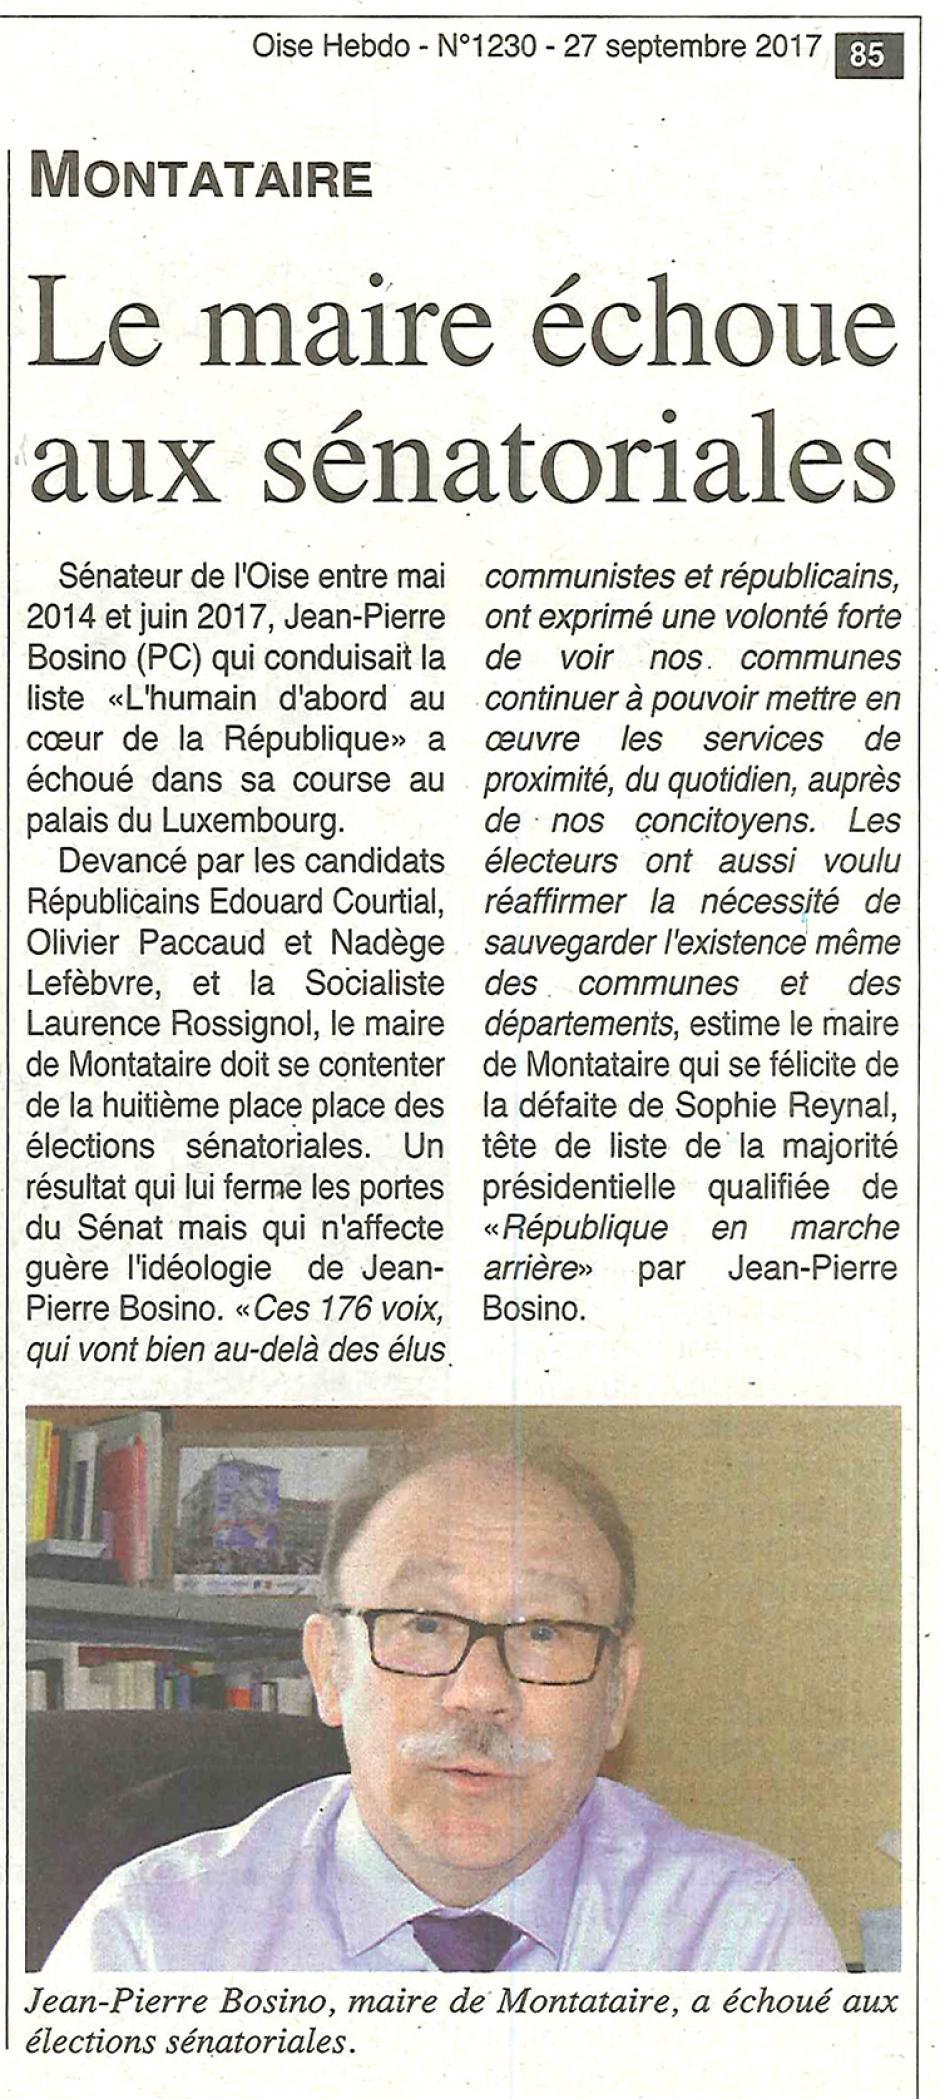 20170927-OH-Montataire-S2017-Le maire échoue aux sénatoriales